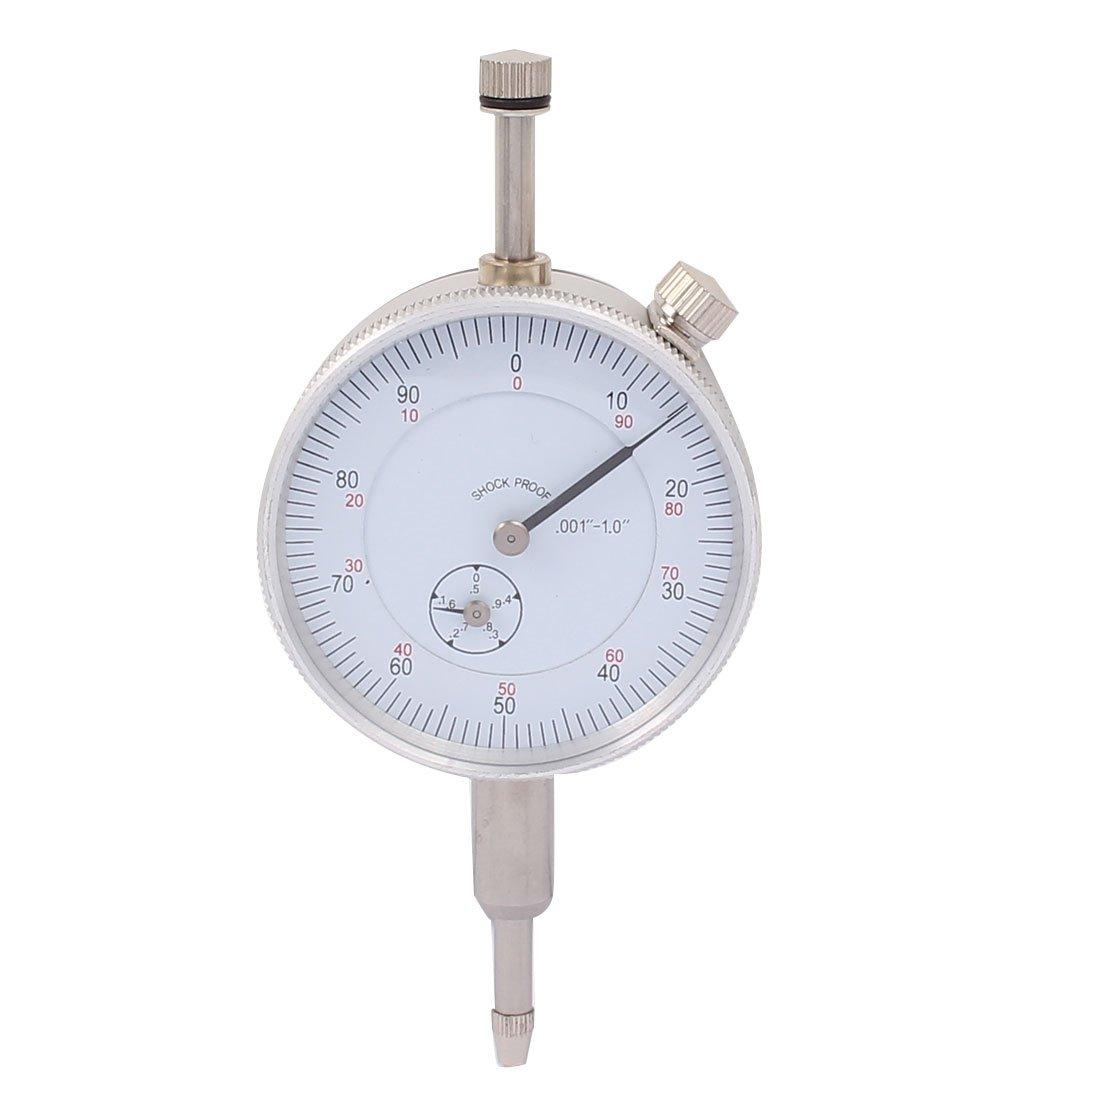 sourcingmap® 0-1 pulgadas instrumento Rango de medida Dial Indicador de nivel de precisión de la herramienta B-10 a16111400ux0389